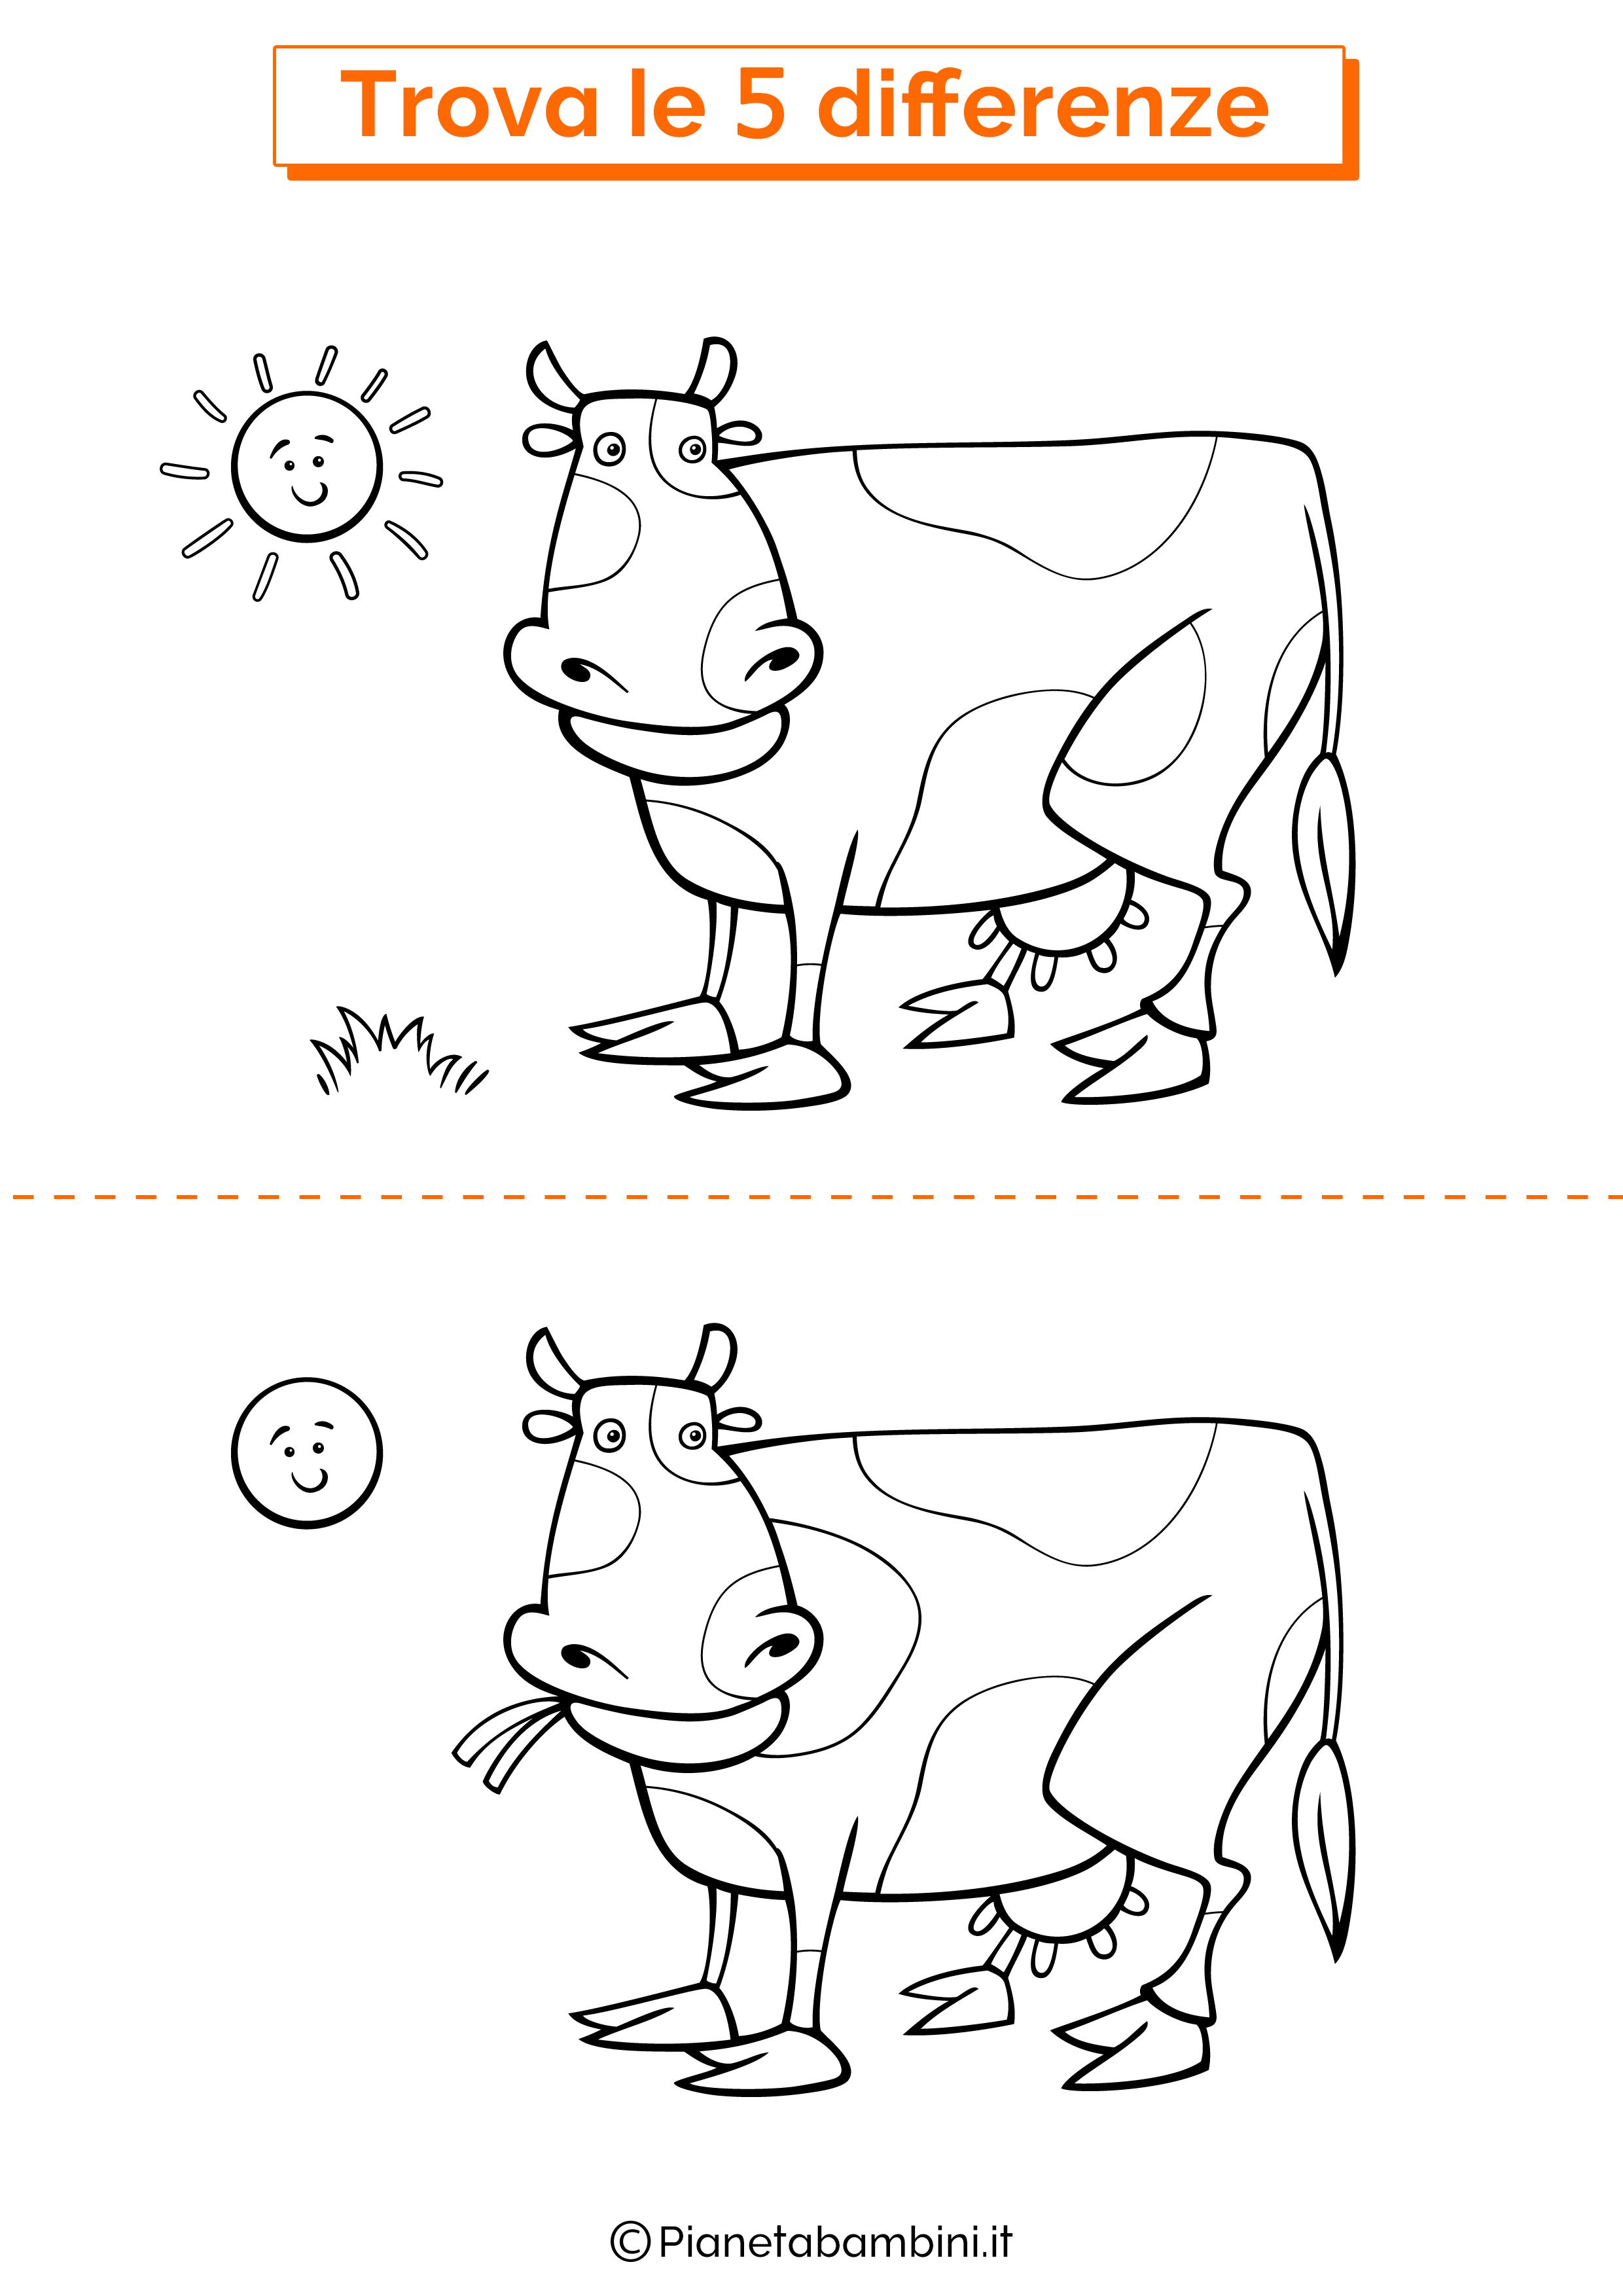 Disegno trova 5 differenze mucca